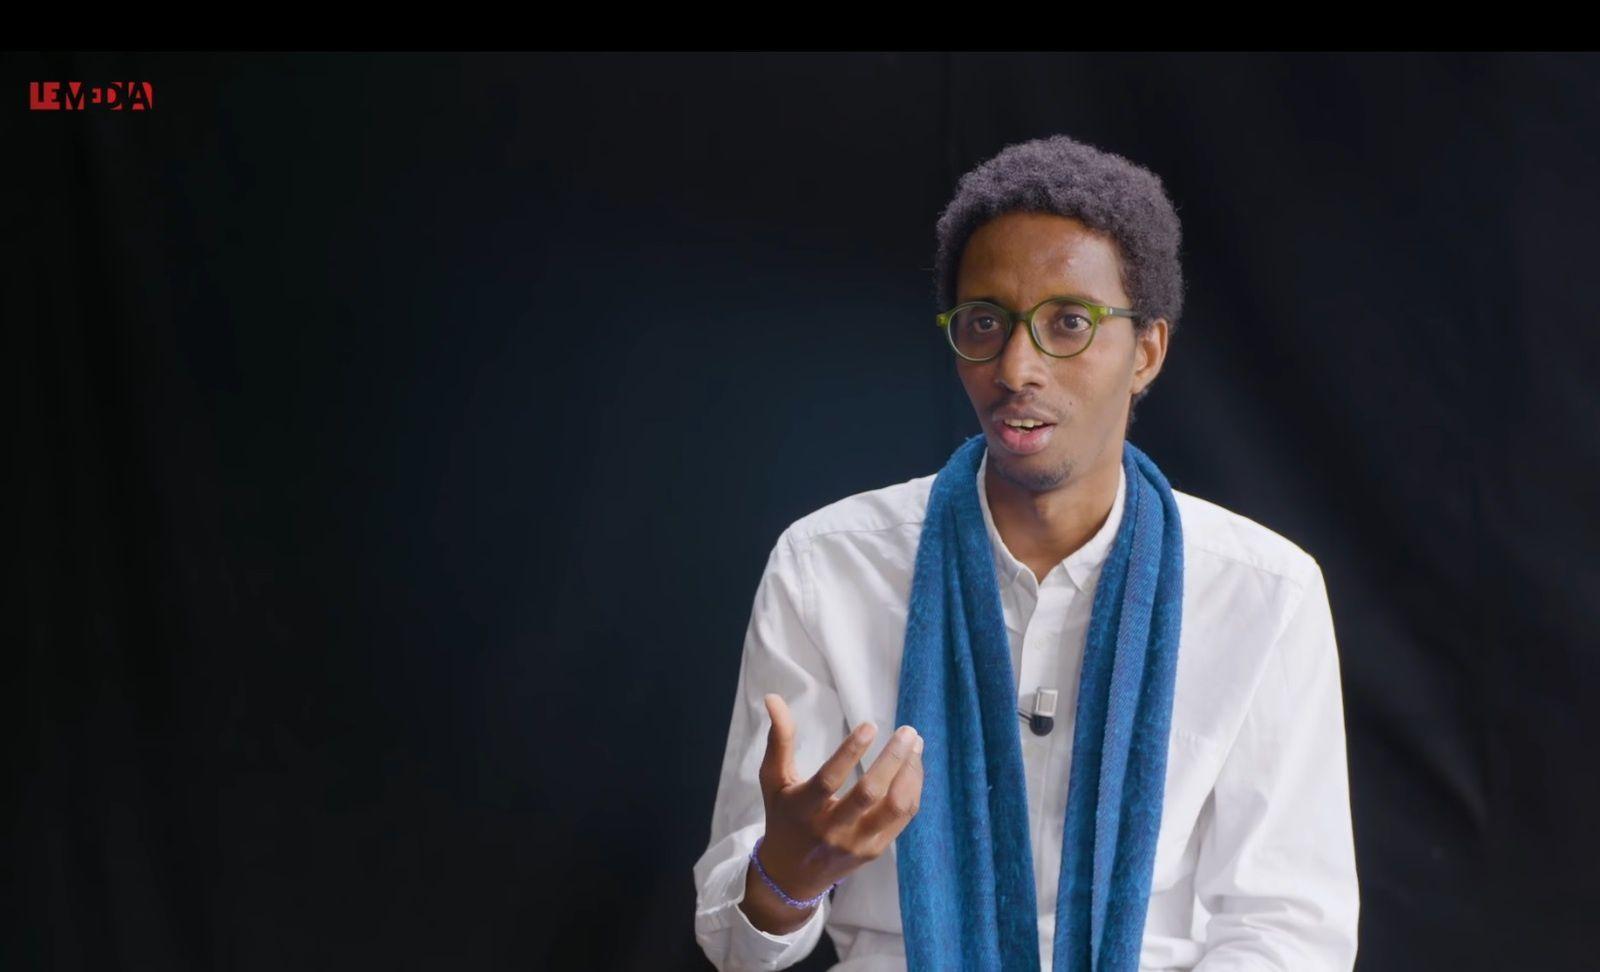 Ecoutez le journaliste tchadien Gassim Chérif